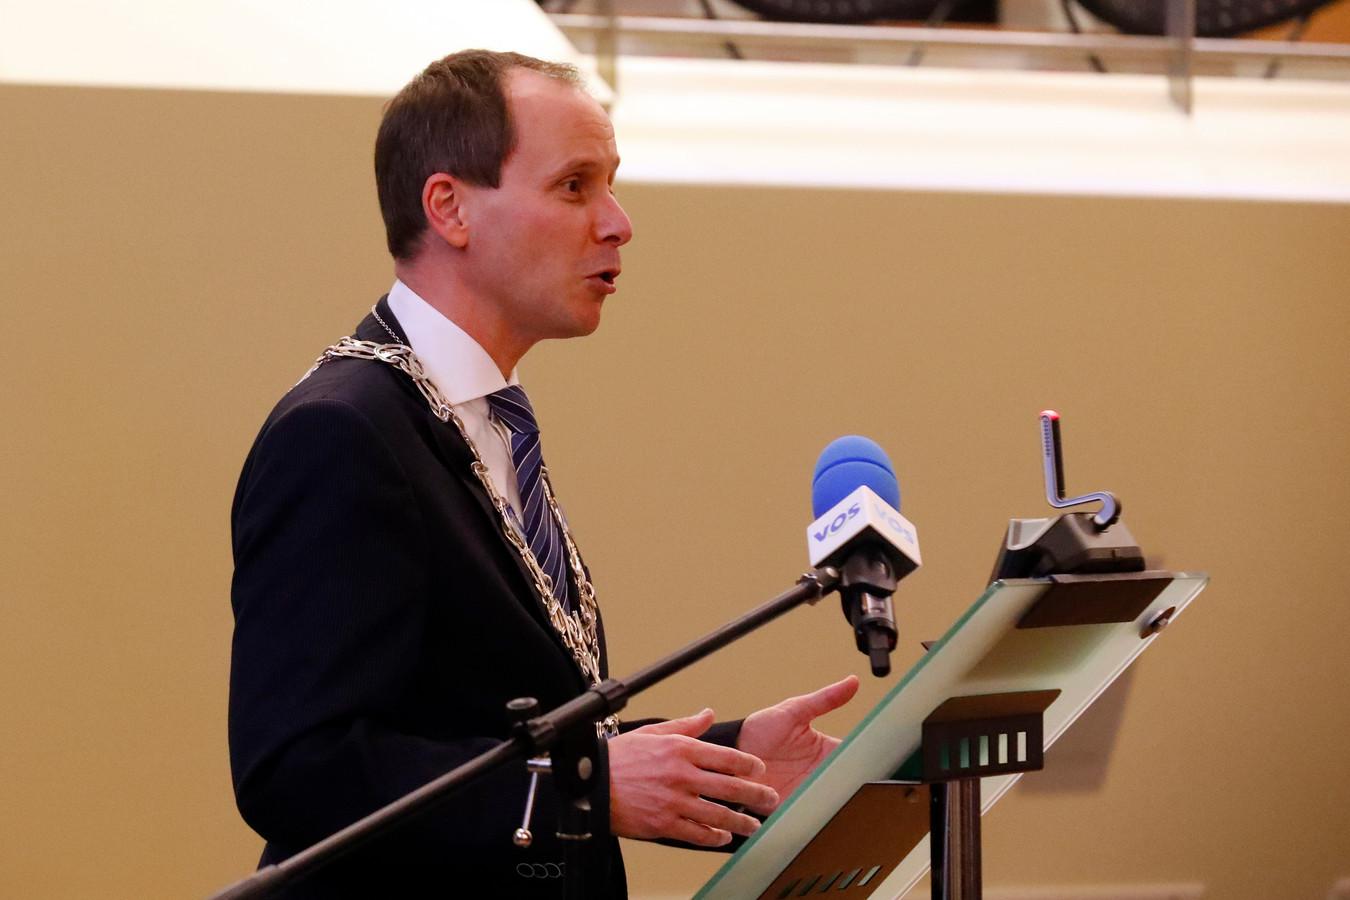 Burgemeester Ederveen van Valkenswaard (archieffoto).